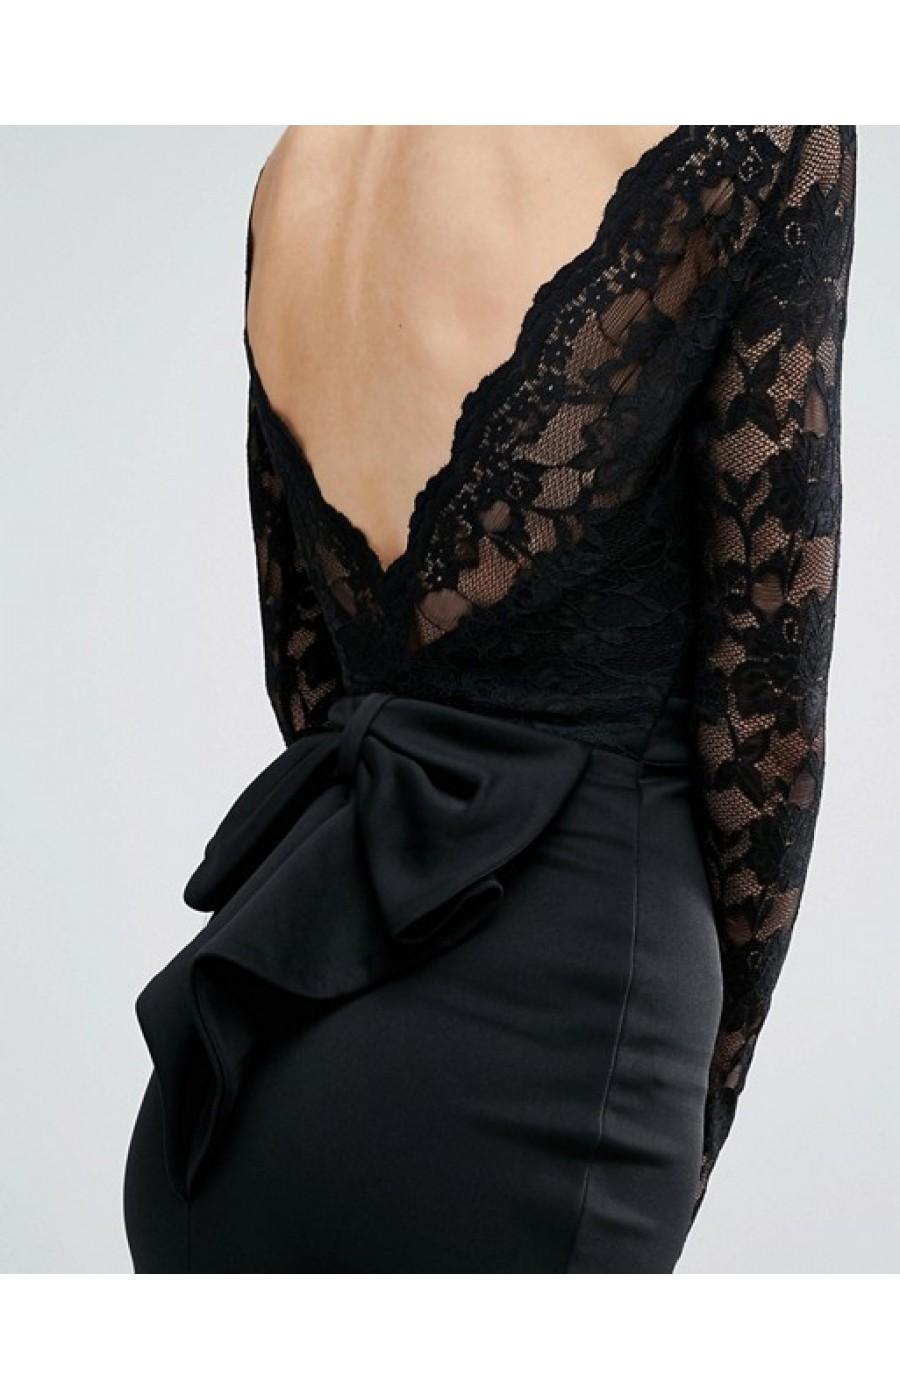 Μακρύ μαυρο φόρεμα με ανοικτή πλάτη